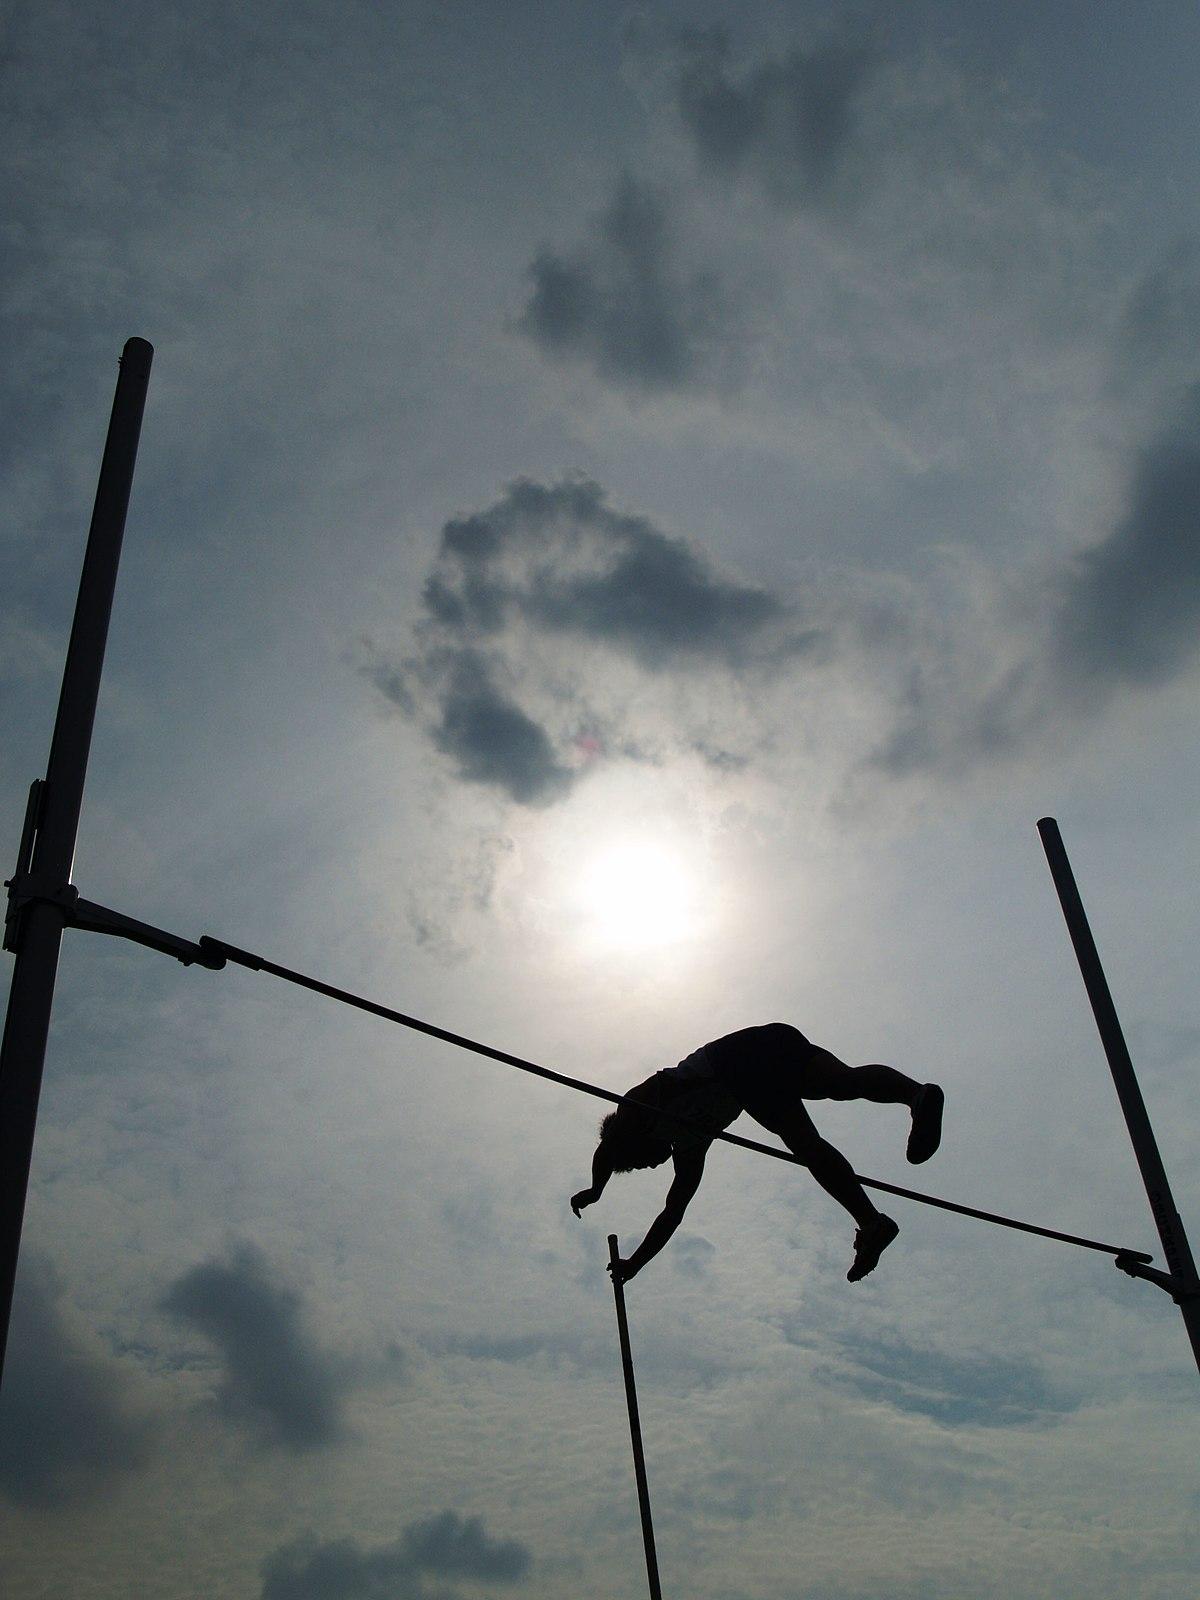 Executiva de salto - 2 1